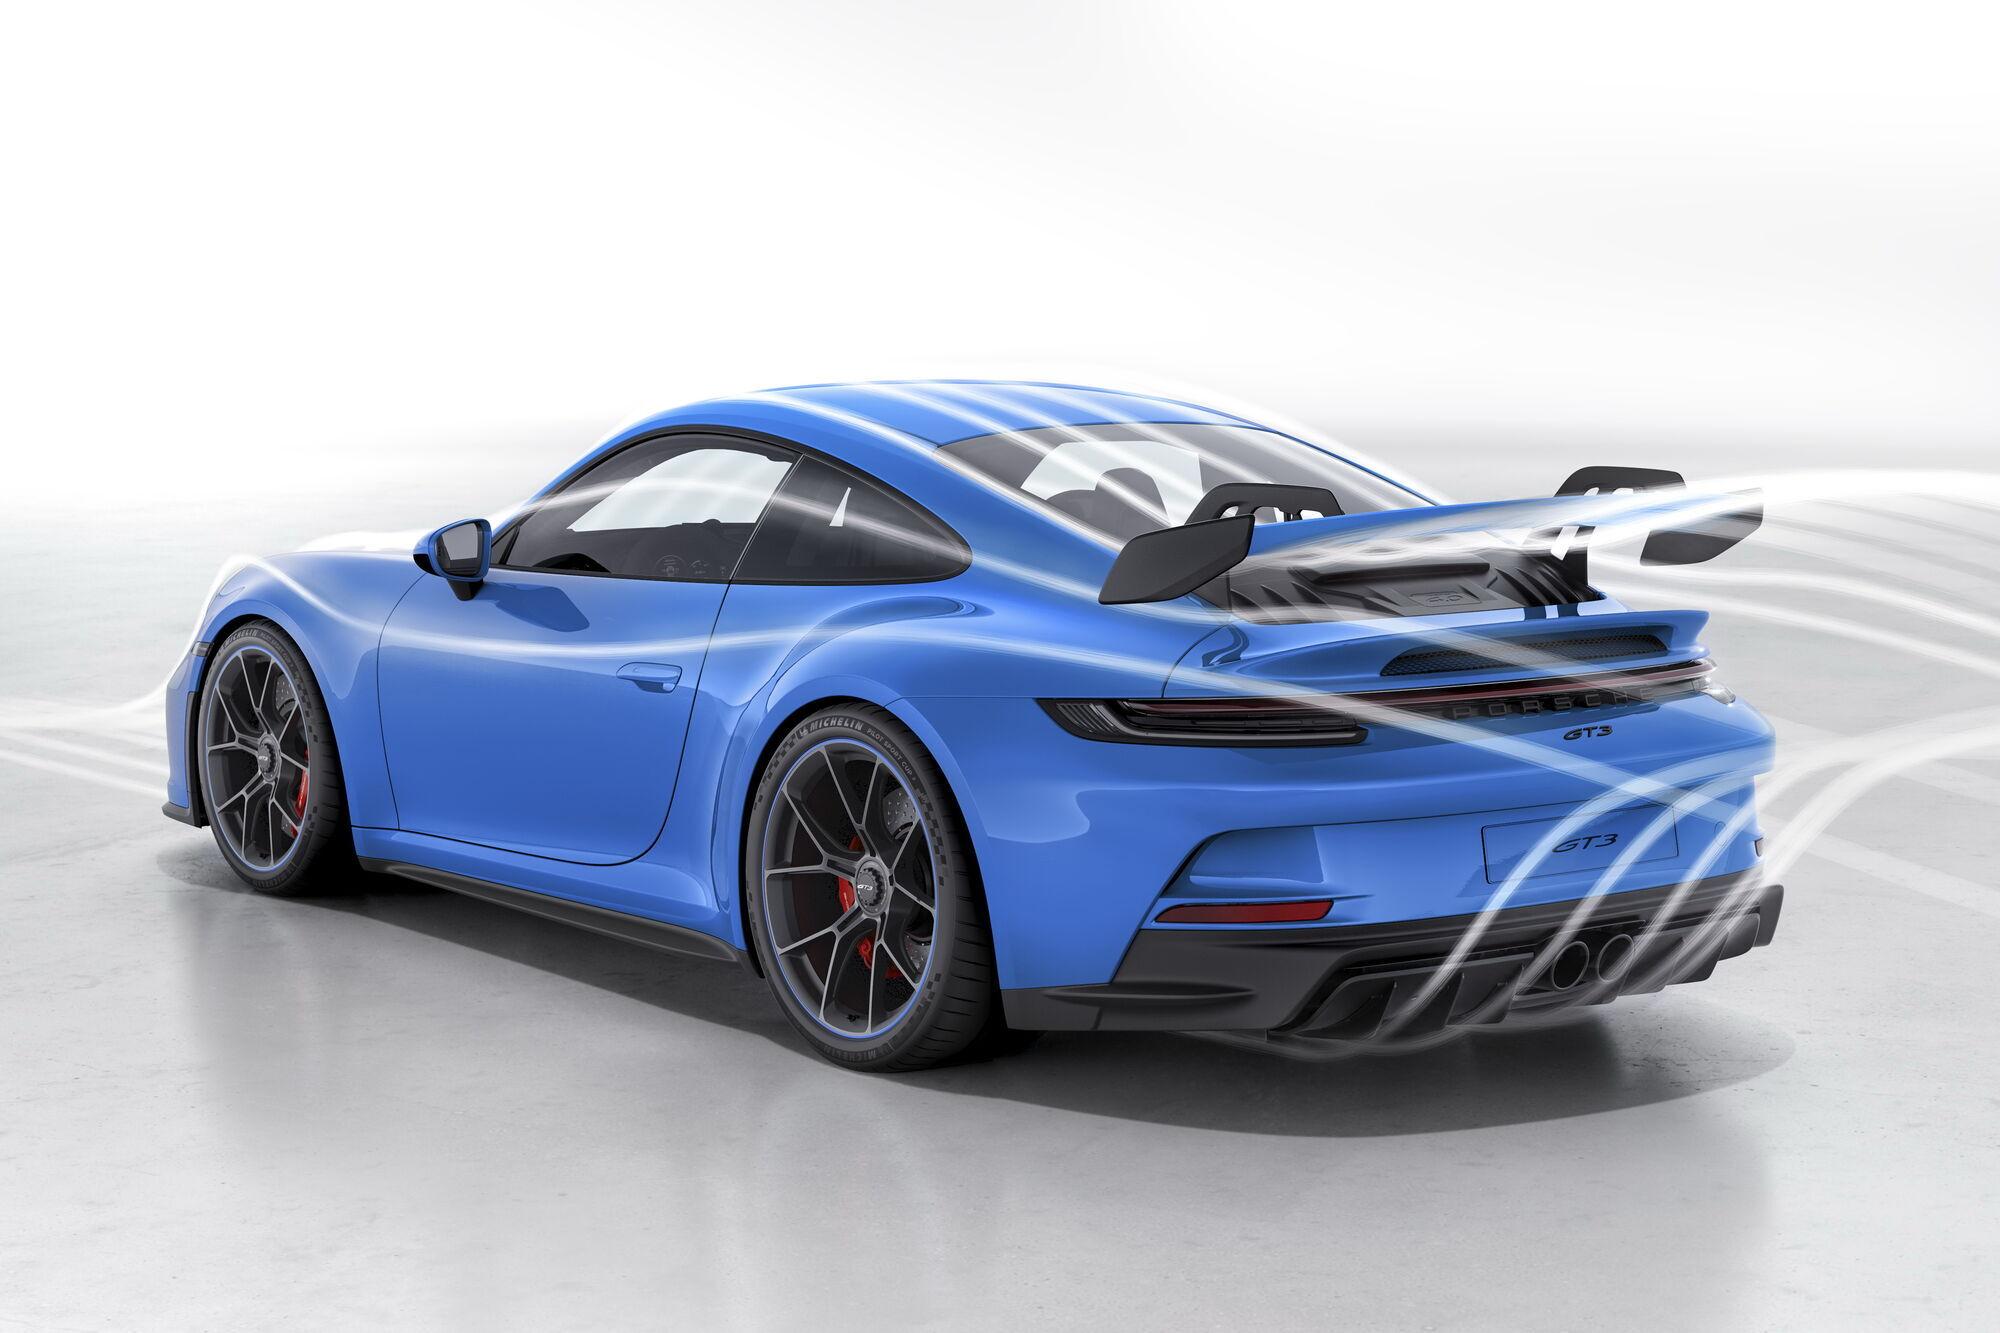 За счет улучшения аэродинамики прижимную силу удалось увеличить вдвое по сравнению с прежней генерацией GT3